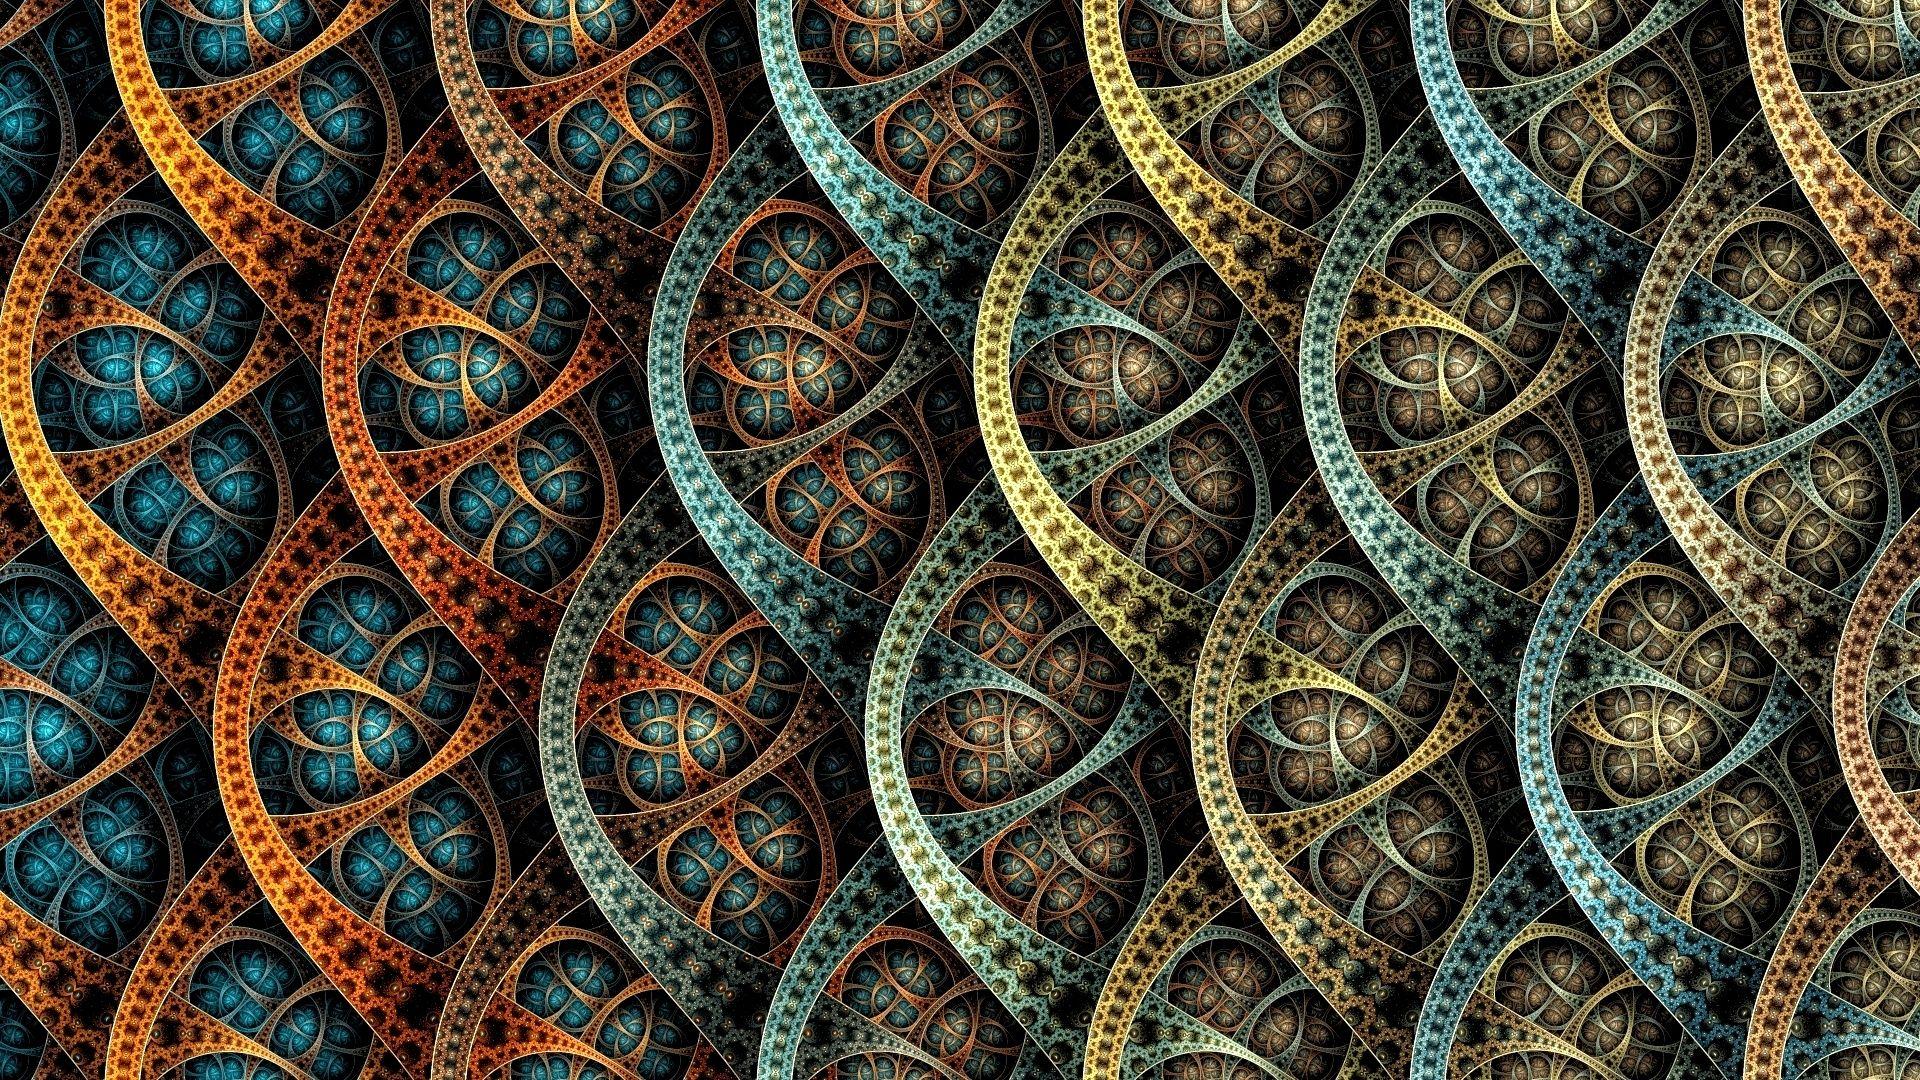 fractal-art-pattern-flower-art-background-clored-hd-wallpaper.jpg (1920×1080)